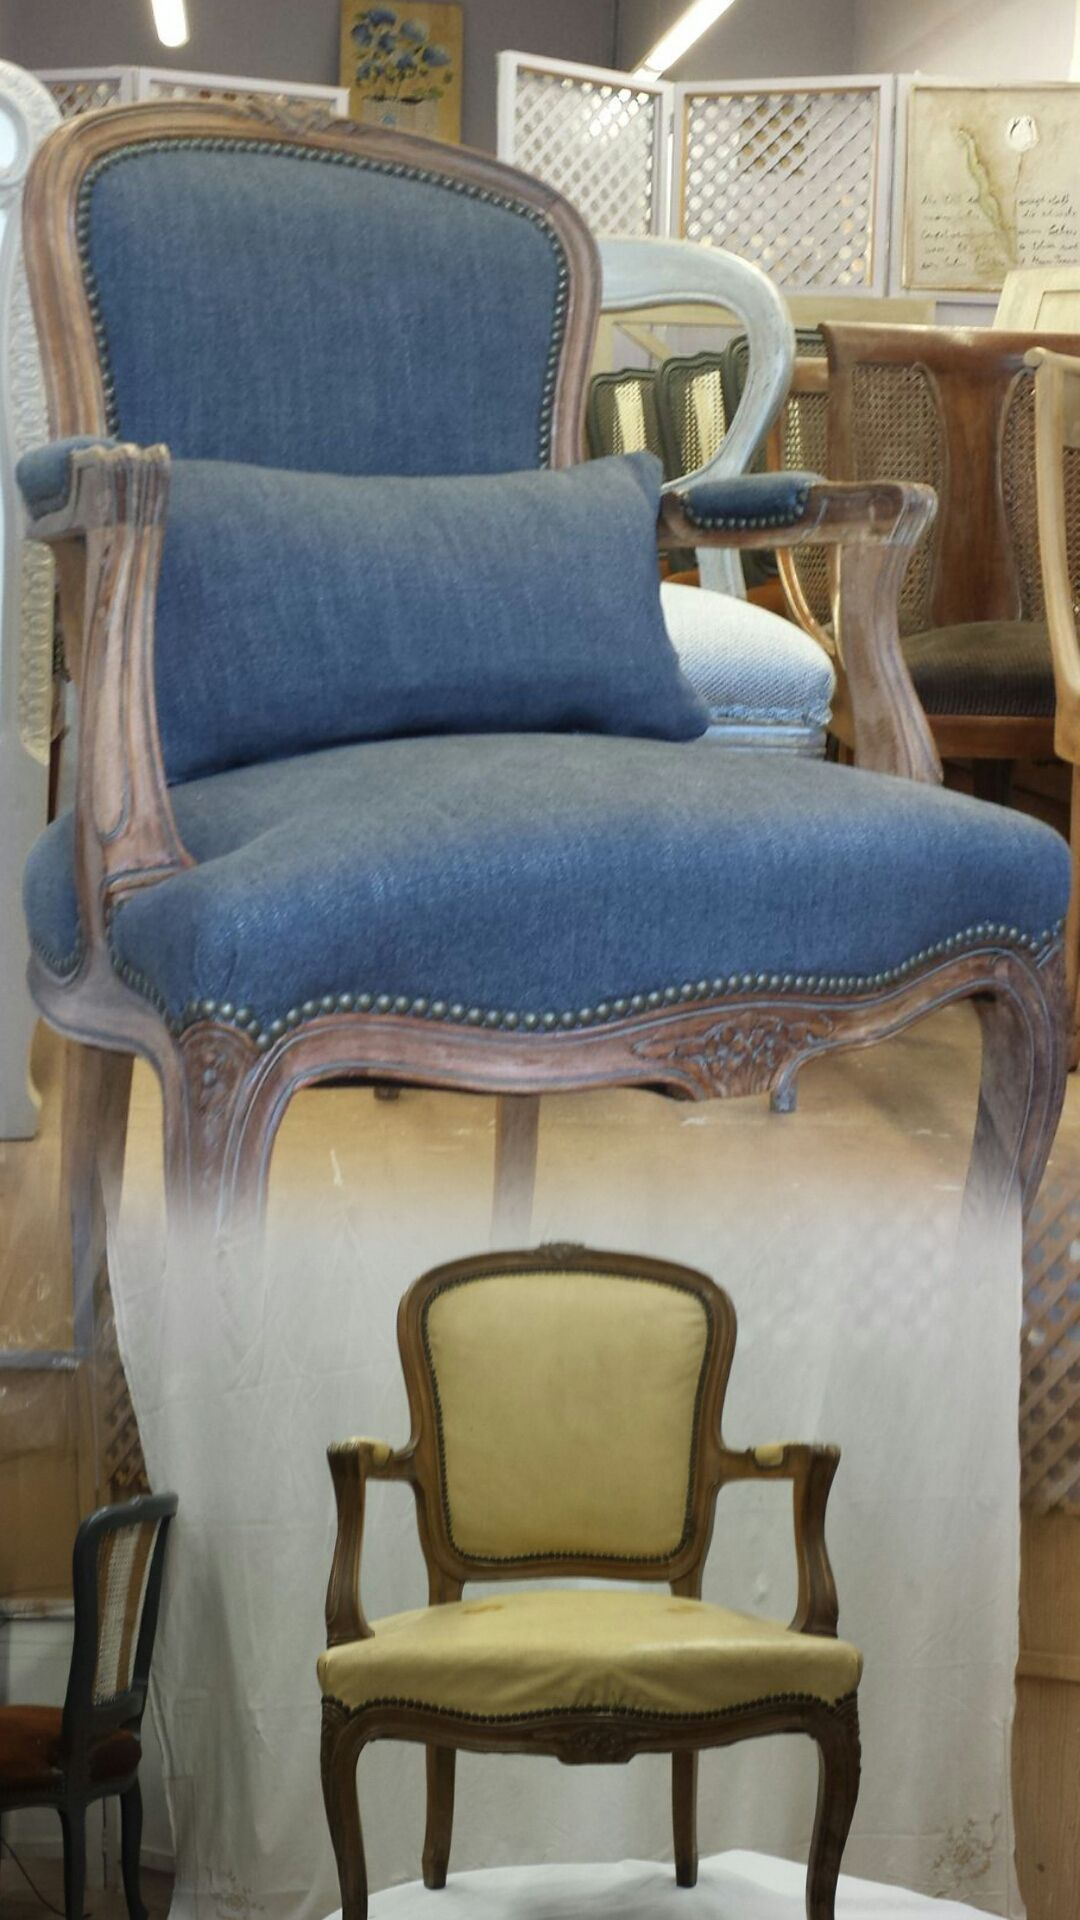 Sill N De Pata Curva Decapado Envejecido Recreando El Estilo  # Muebles Tapizados En Tela